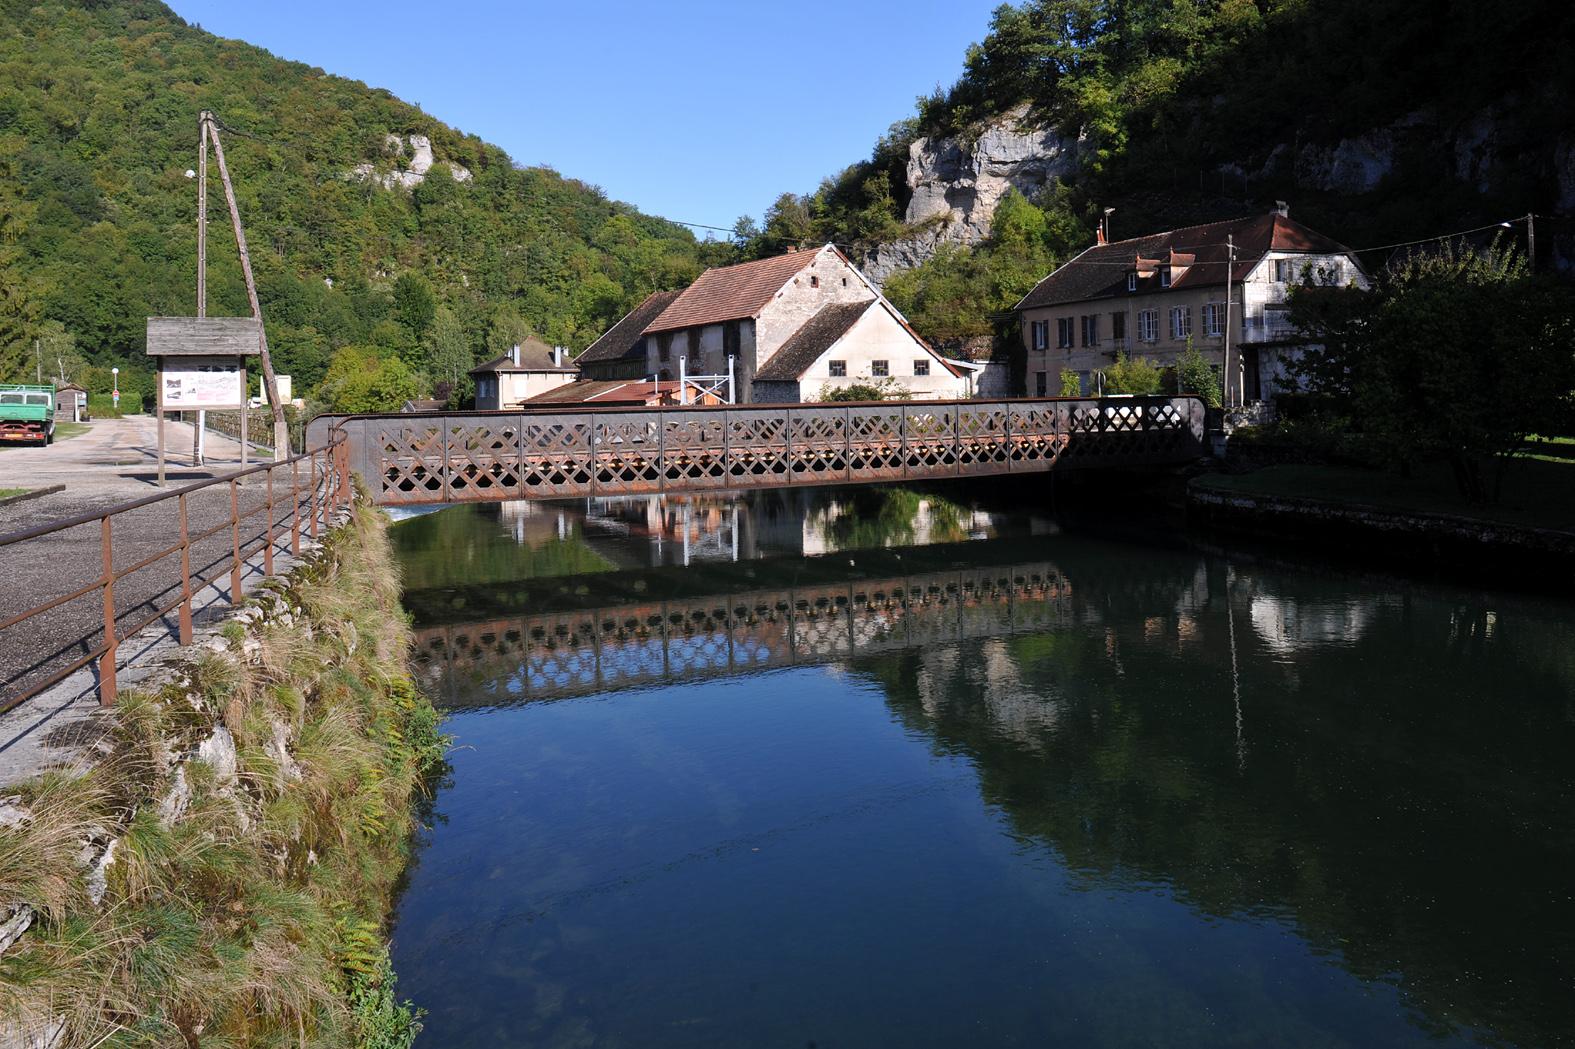 950-lods-plus-beaux-villages-de-france-doubs.jpg